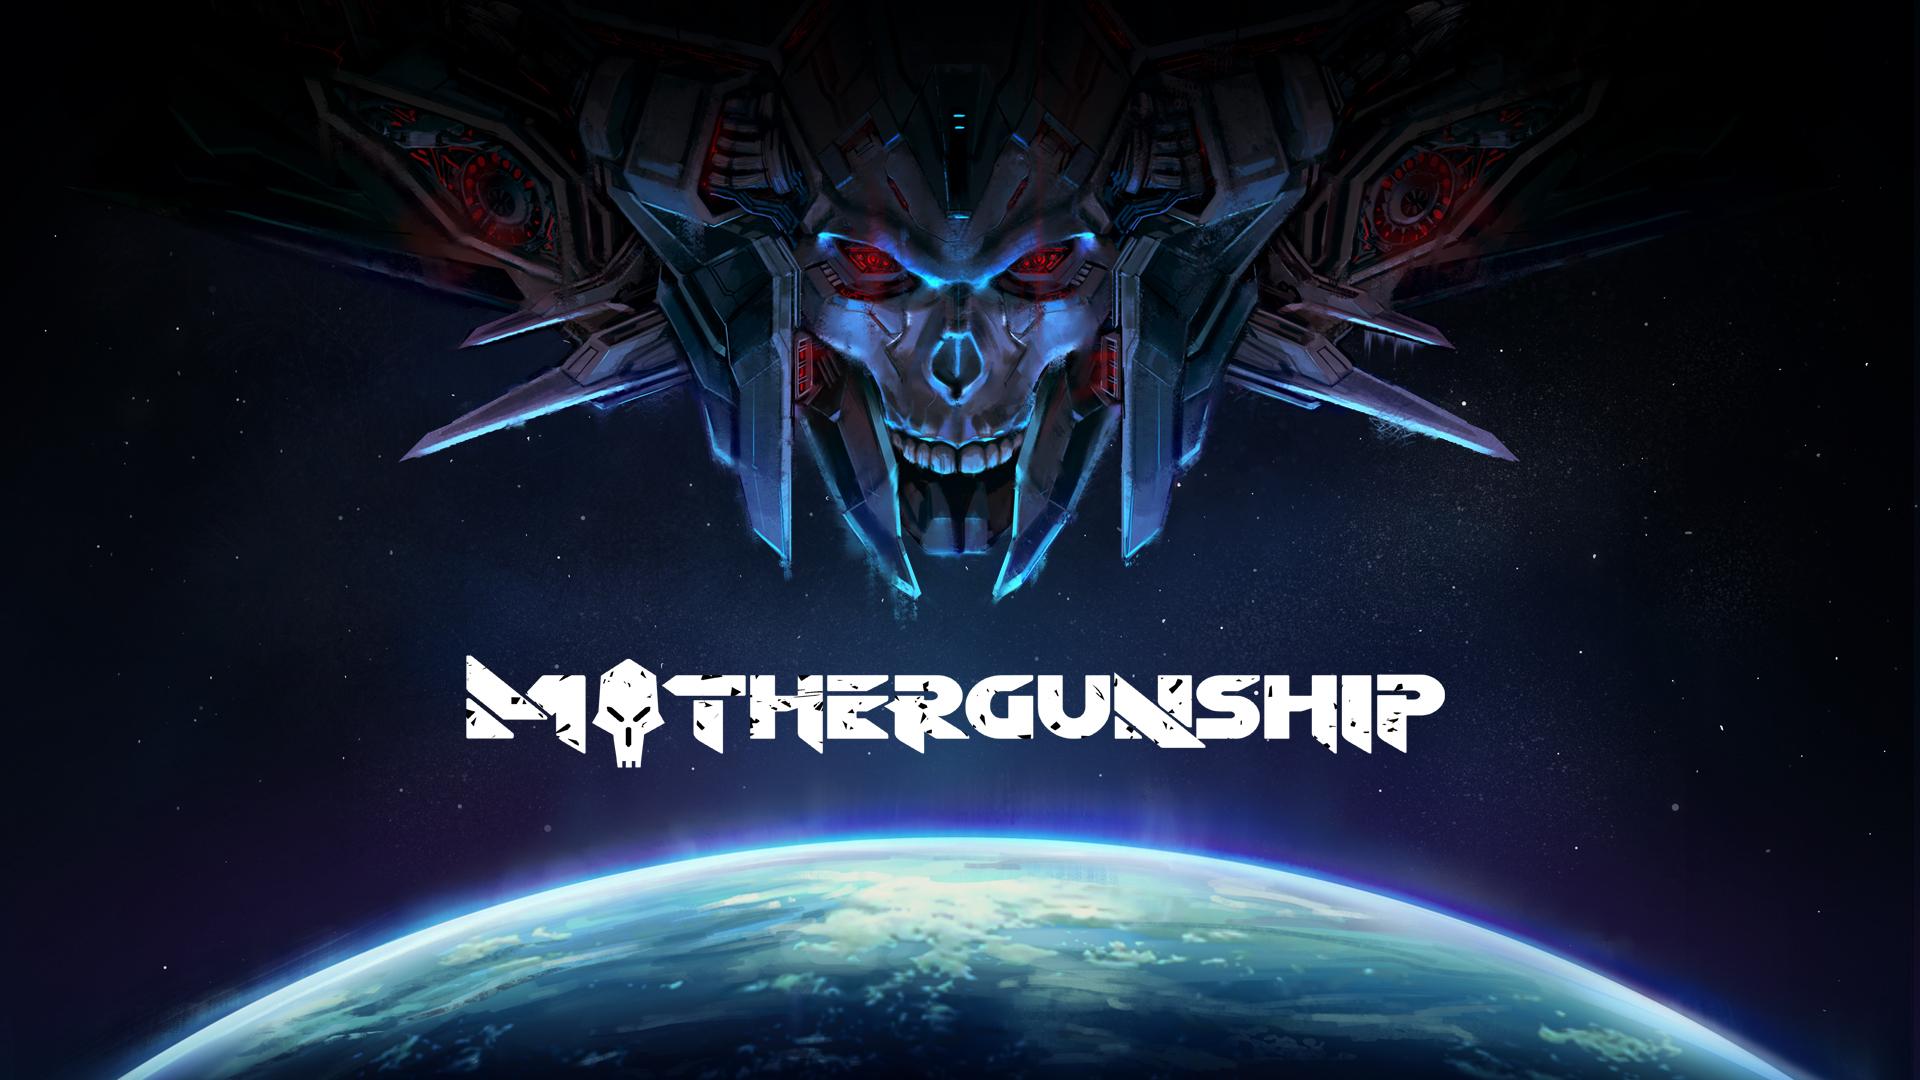 el-fps-mothergunship-se-estrenara-en-julio-frikigamers.com